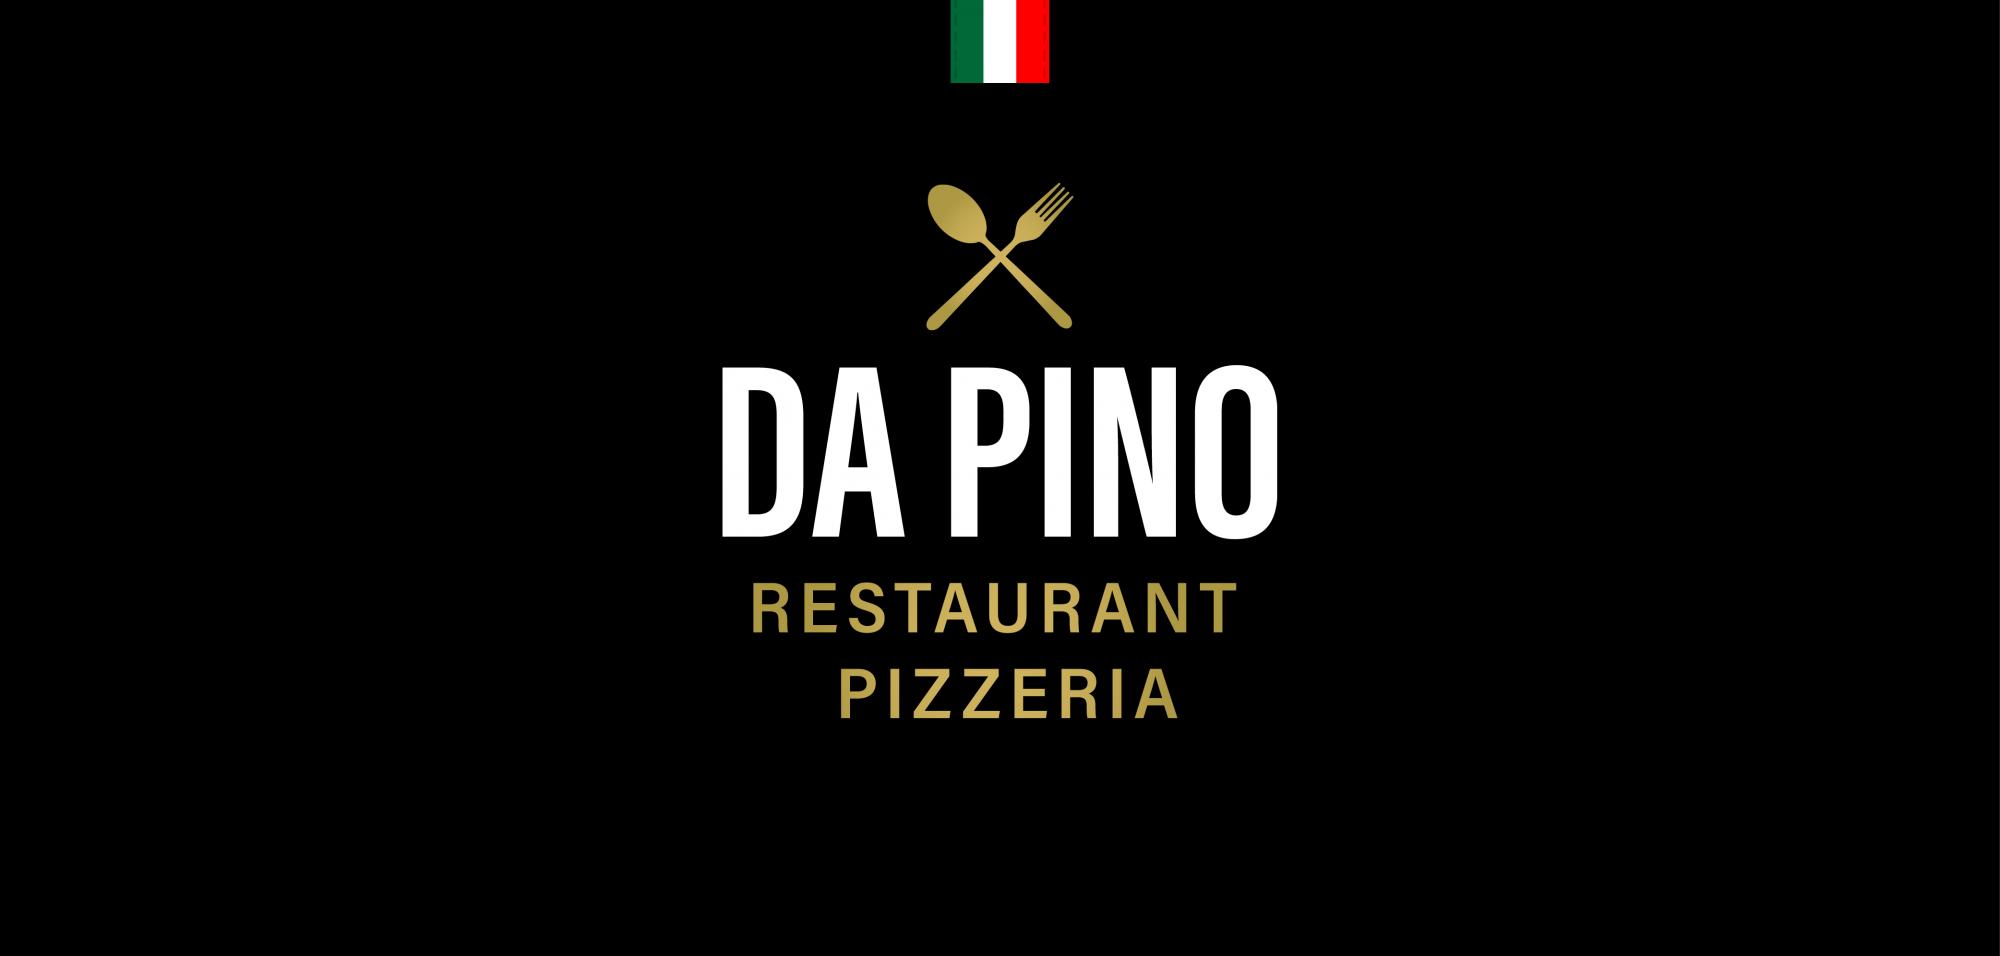 Da Pino Restaurant Pizzeria